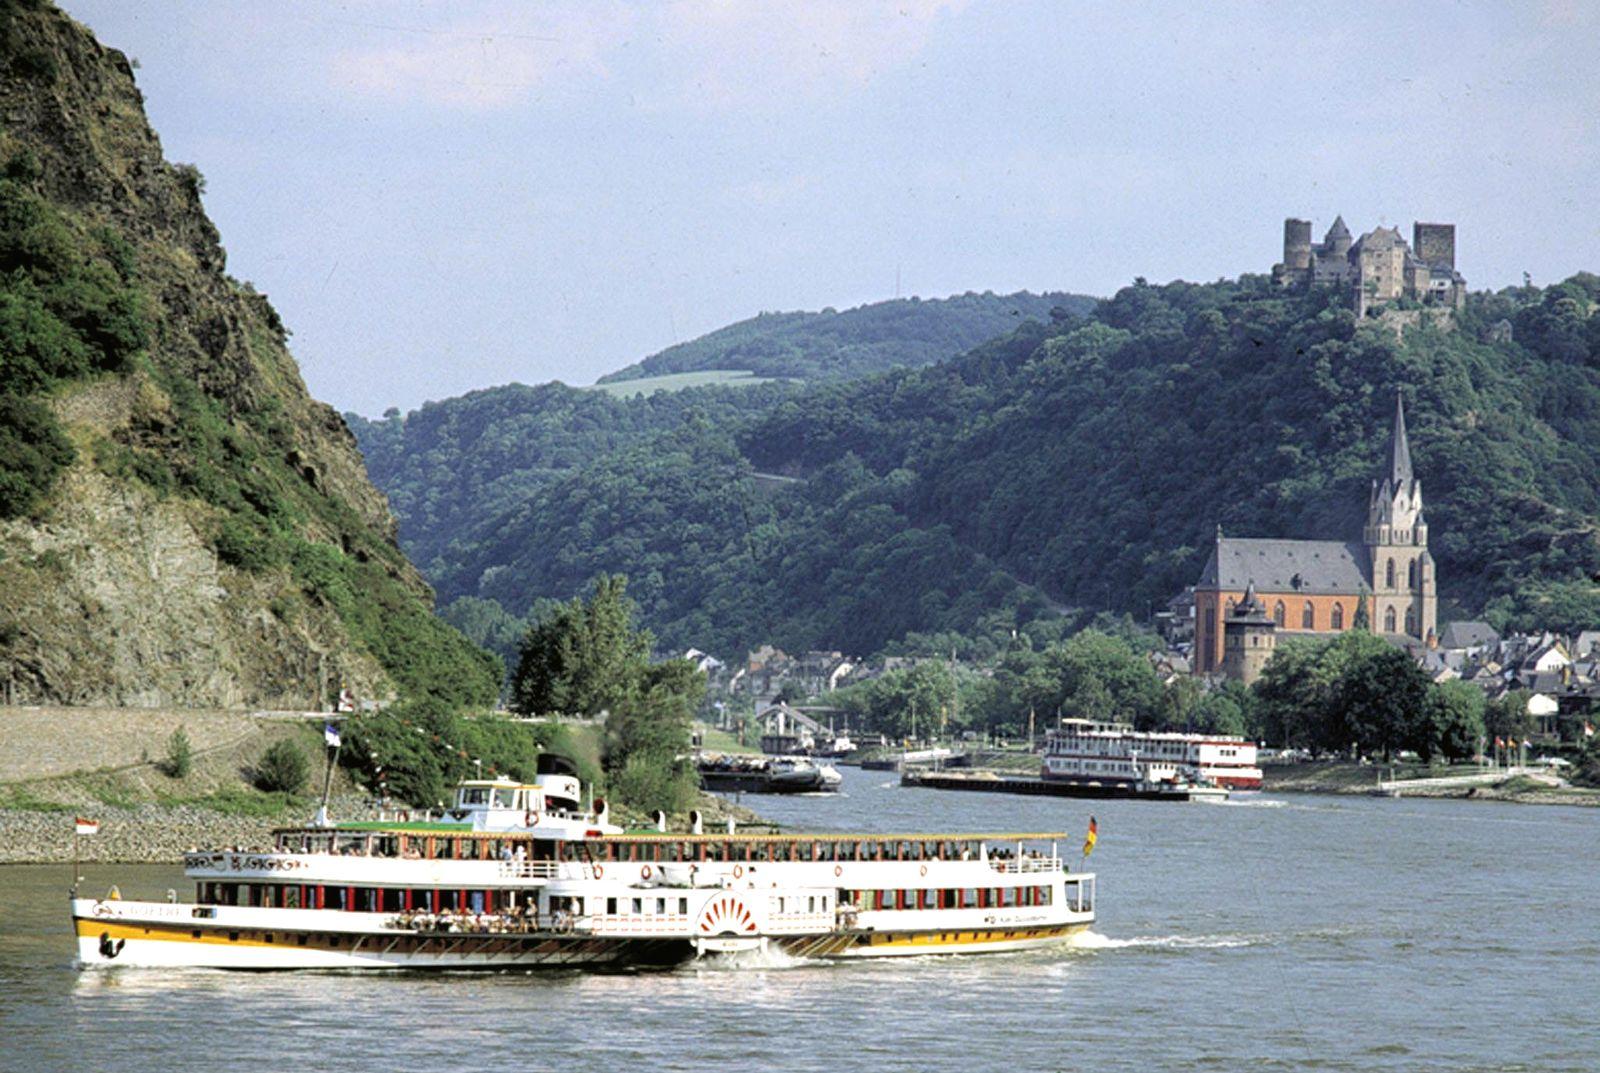 Ausflugsschiff auf dem Rhein / Nordrhein-Westfalen